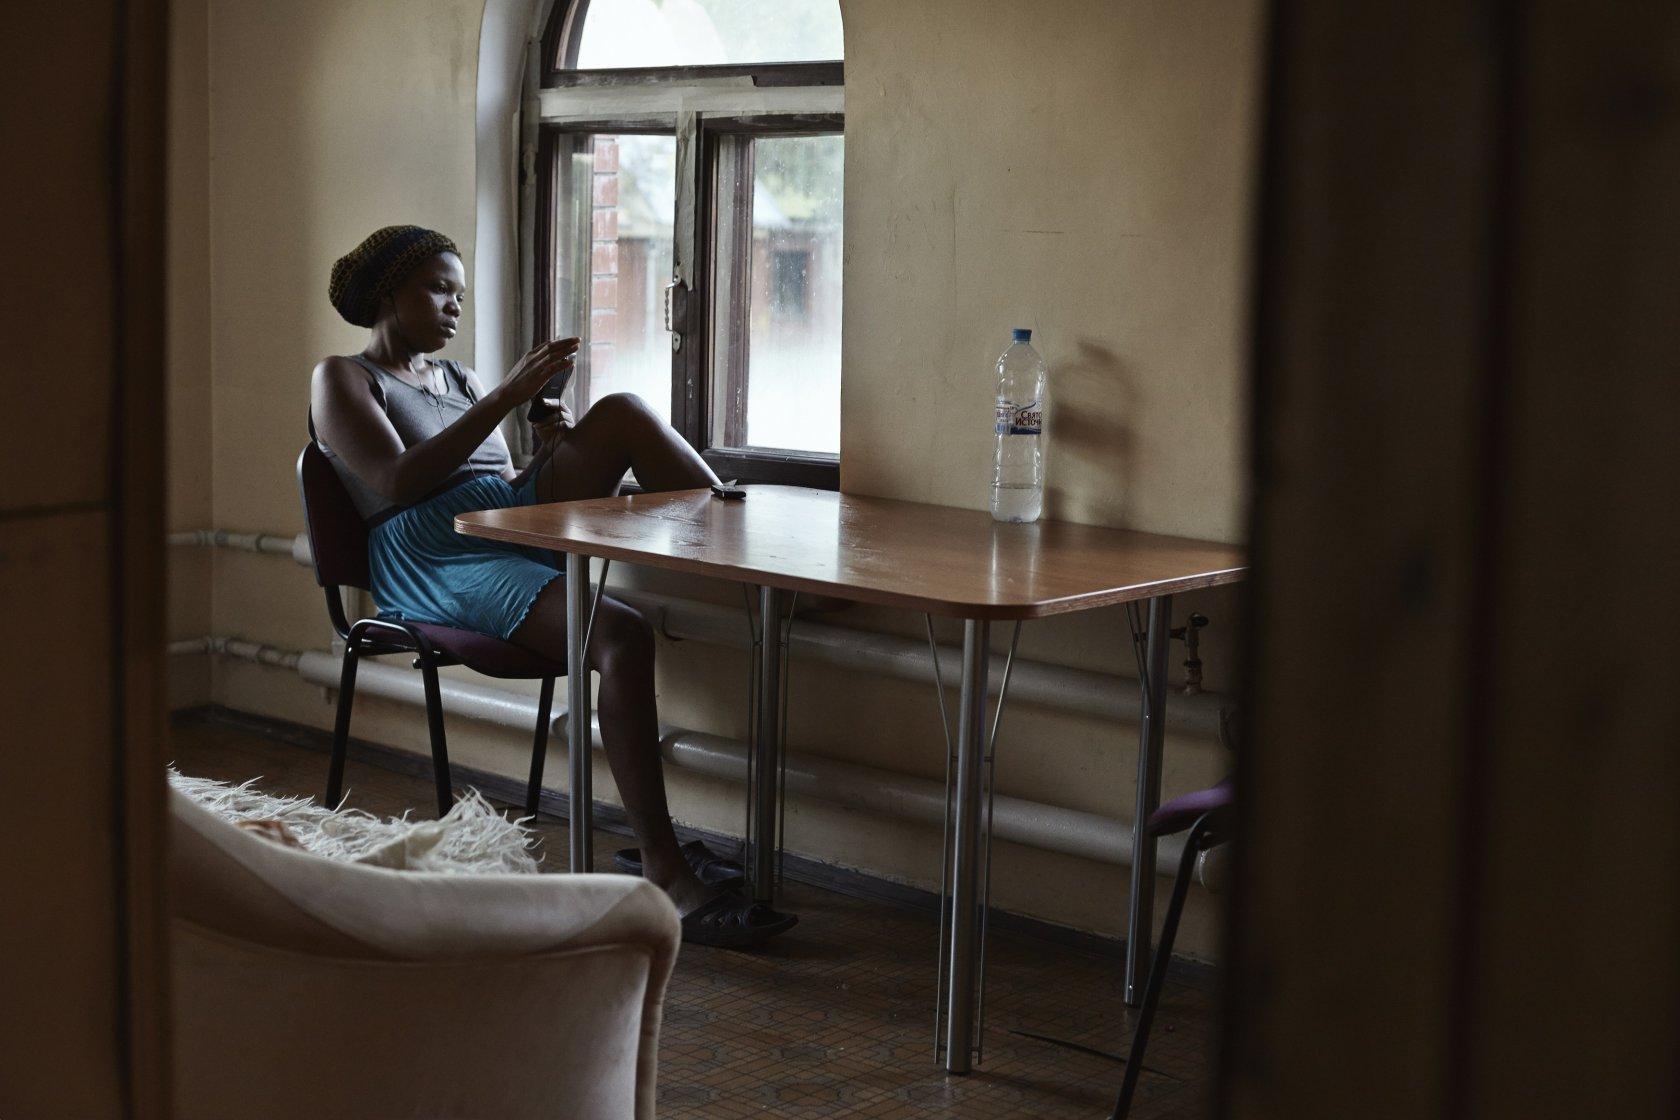 Джульетта, © Татьяна Егорова, Москва, Фотоконкурс «Неслучайный свидетель»